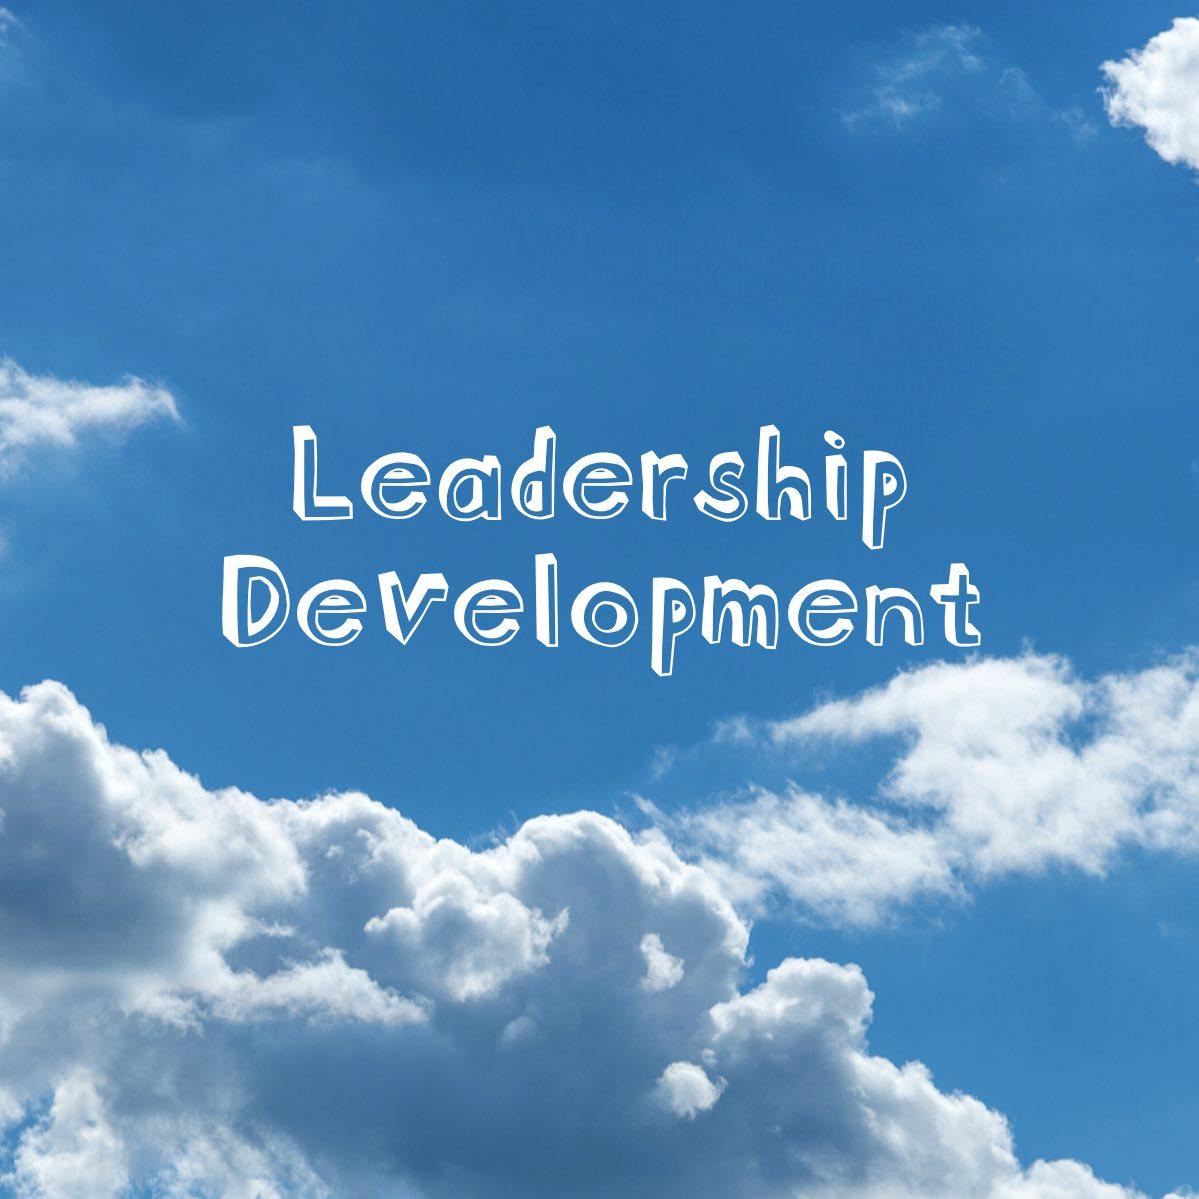 leadership tile.jpeg